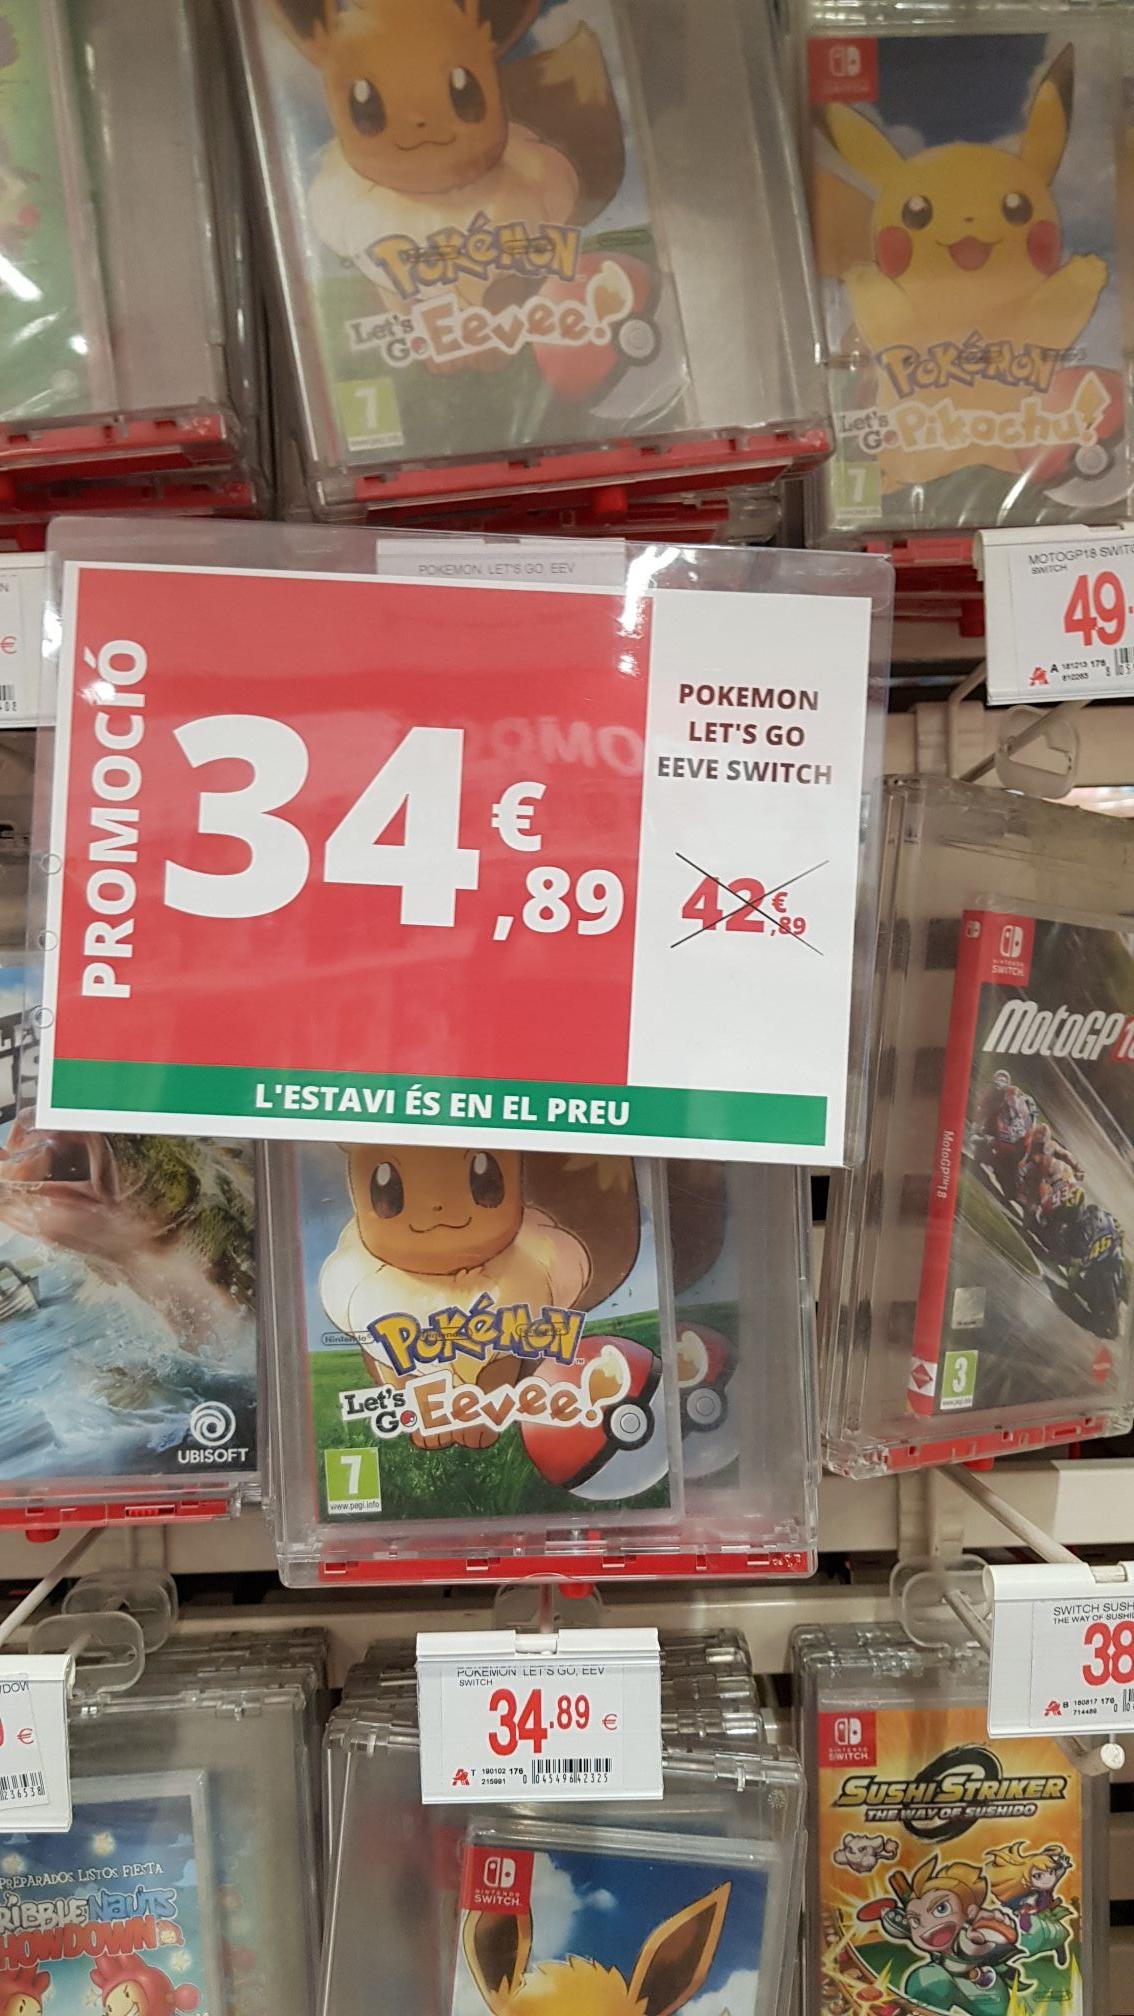 Pokemon let's go Evee nintendo switch Alcampo Mataro